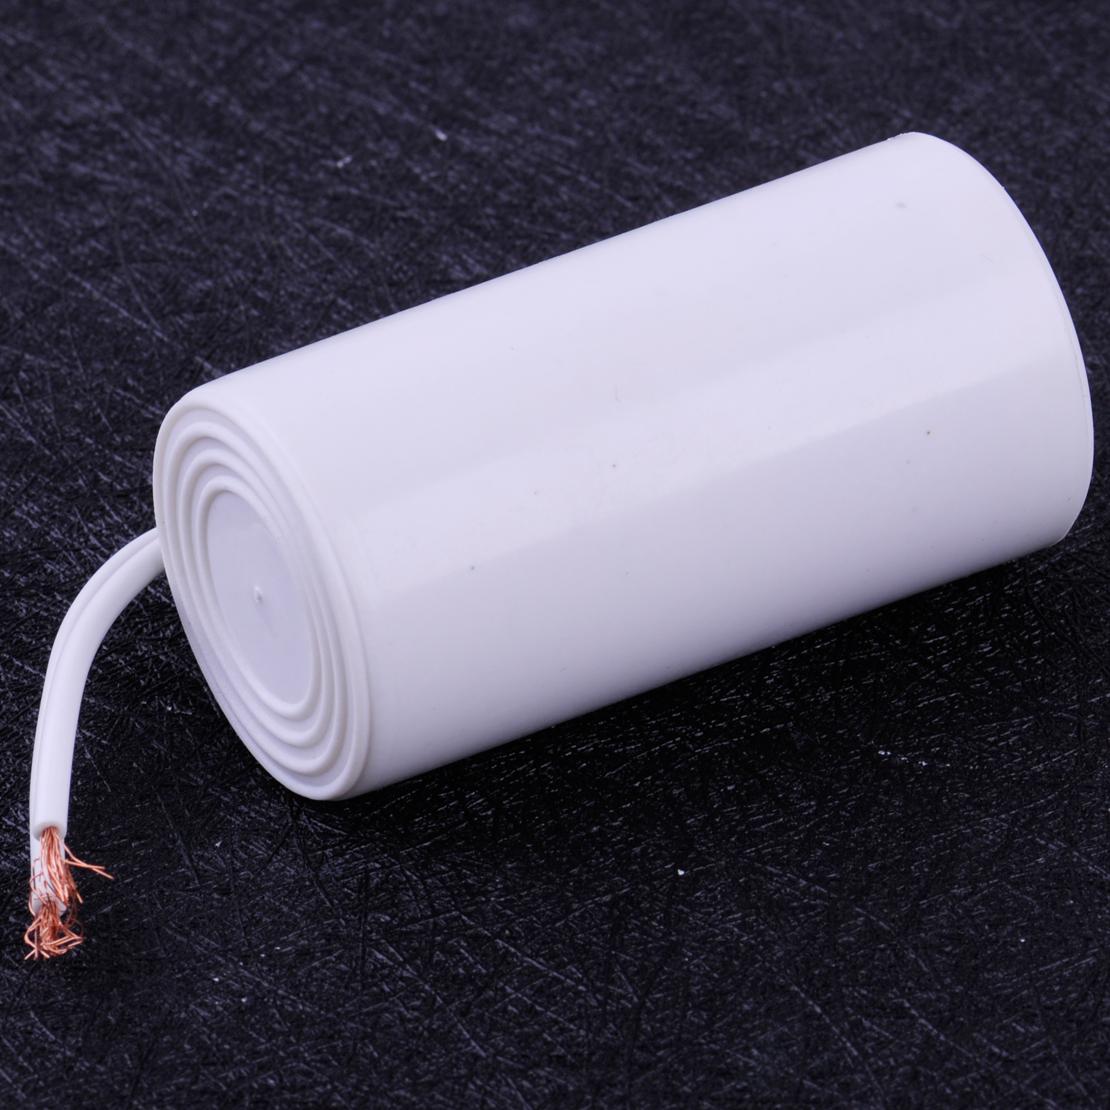 Condensador para motor de corriente alterna 450 V, 50//60 Hz, 2 cables CBB60 8uF